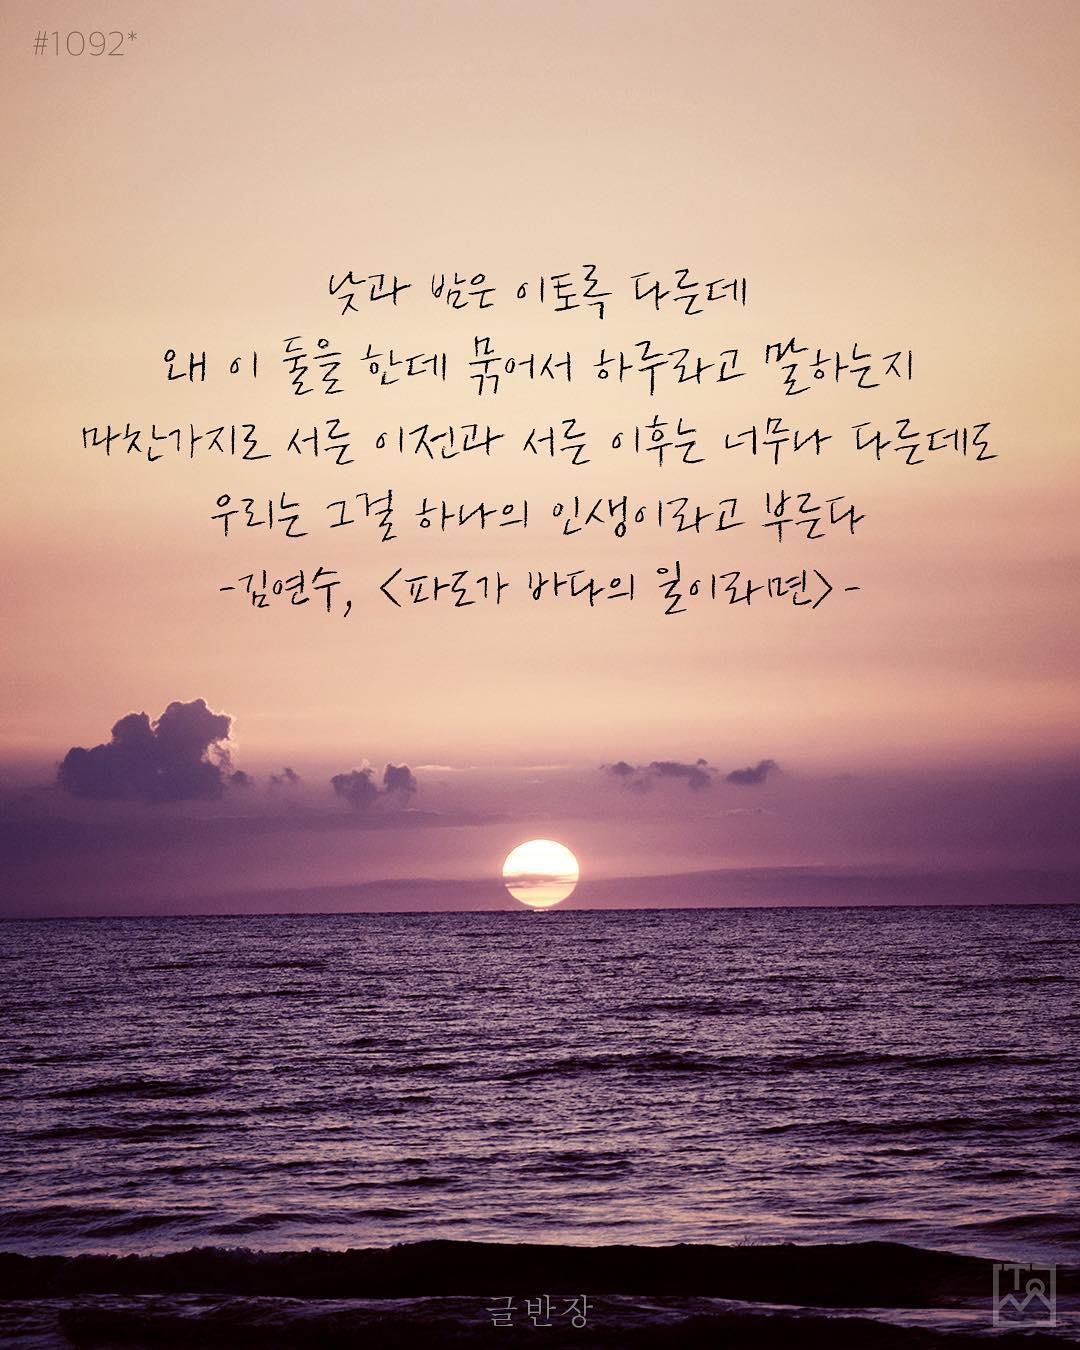 우리는 그걸 하나의 인생이라고 부른다 - 김연수, <파도가 바다의 일이라면>